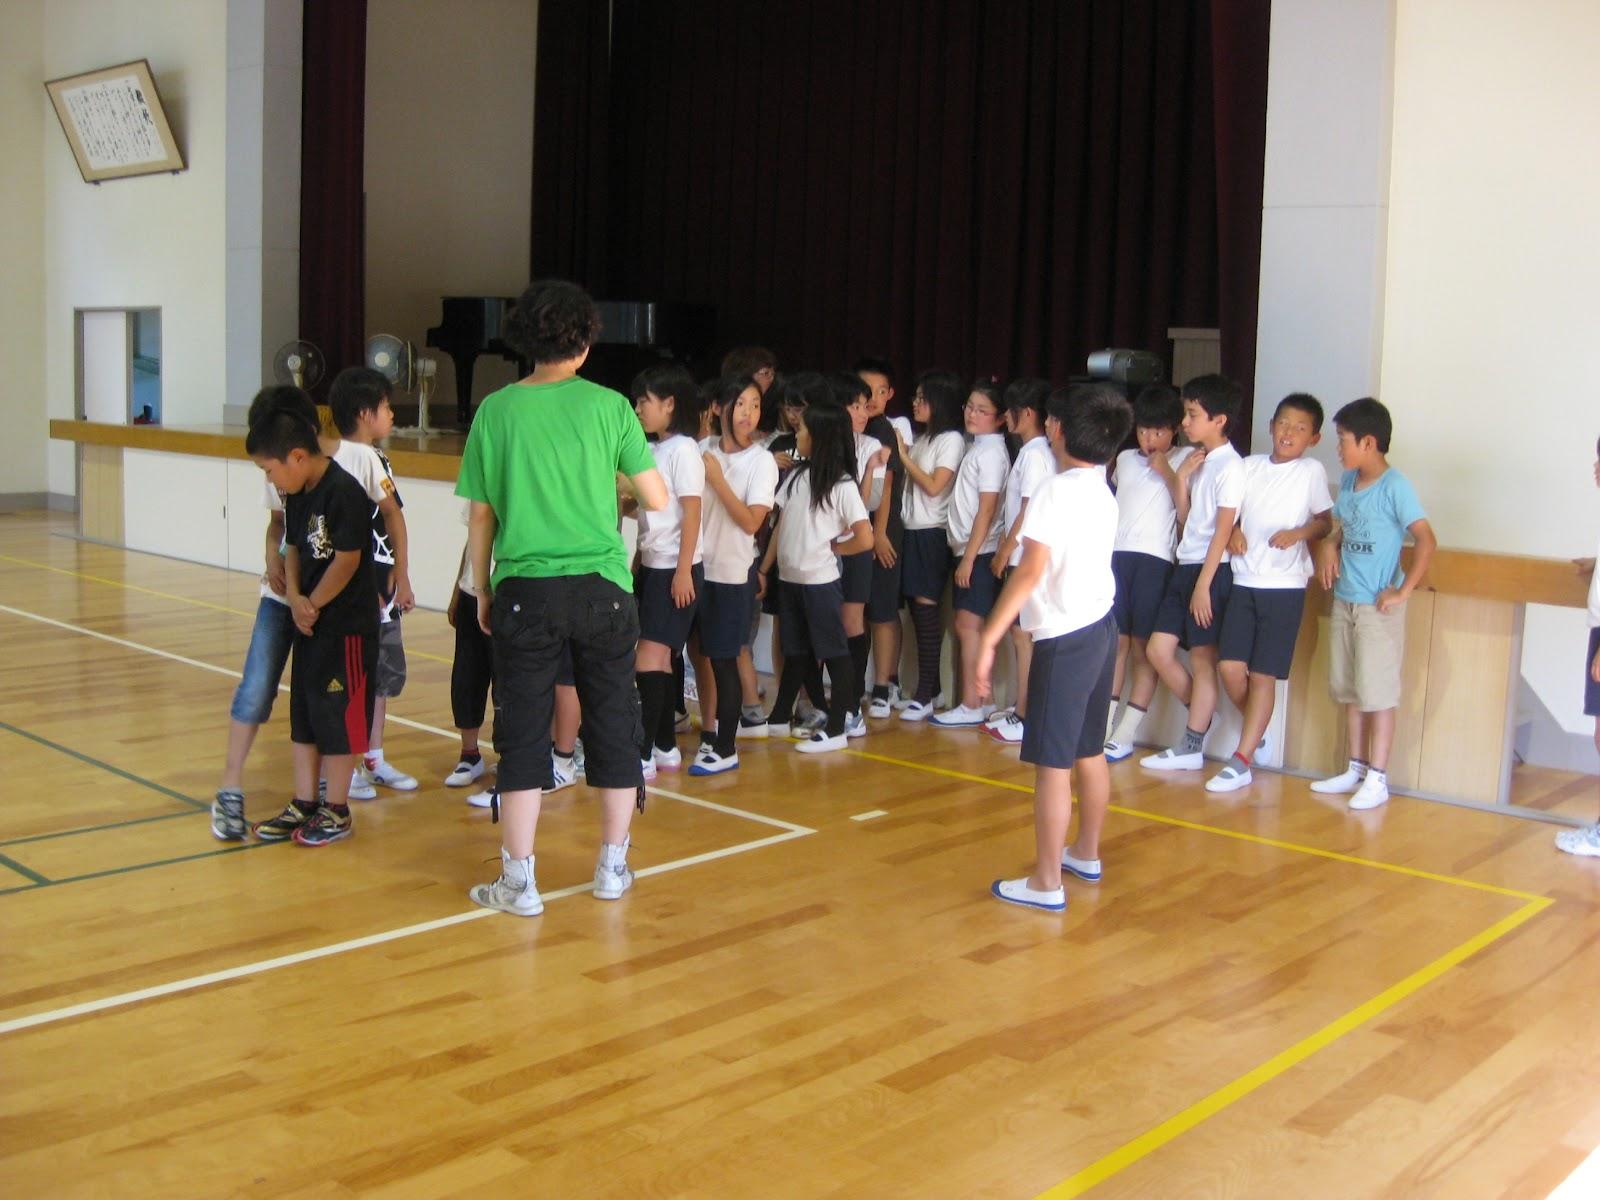 阿田和小学校5年生 「一本橋渡ろう」 「二人で形」滑り台! 御浜町アメニティーホール